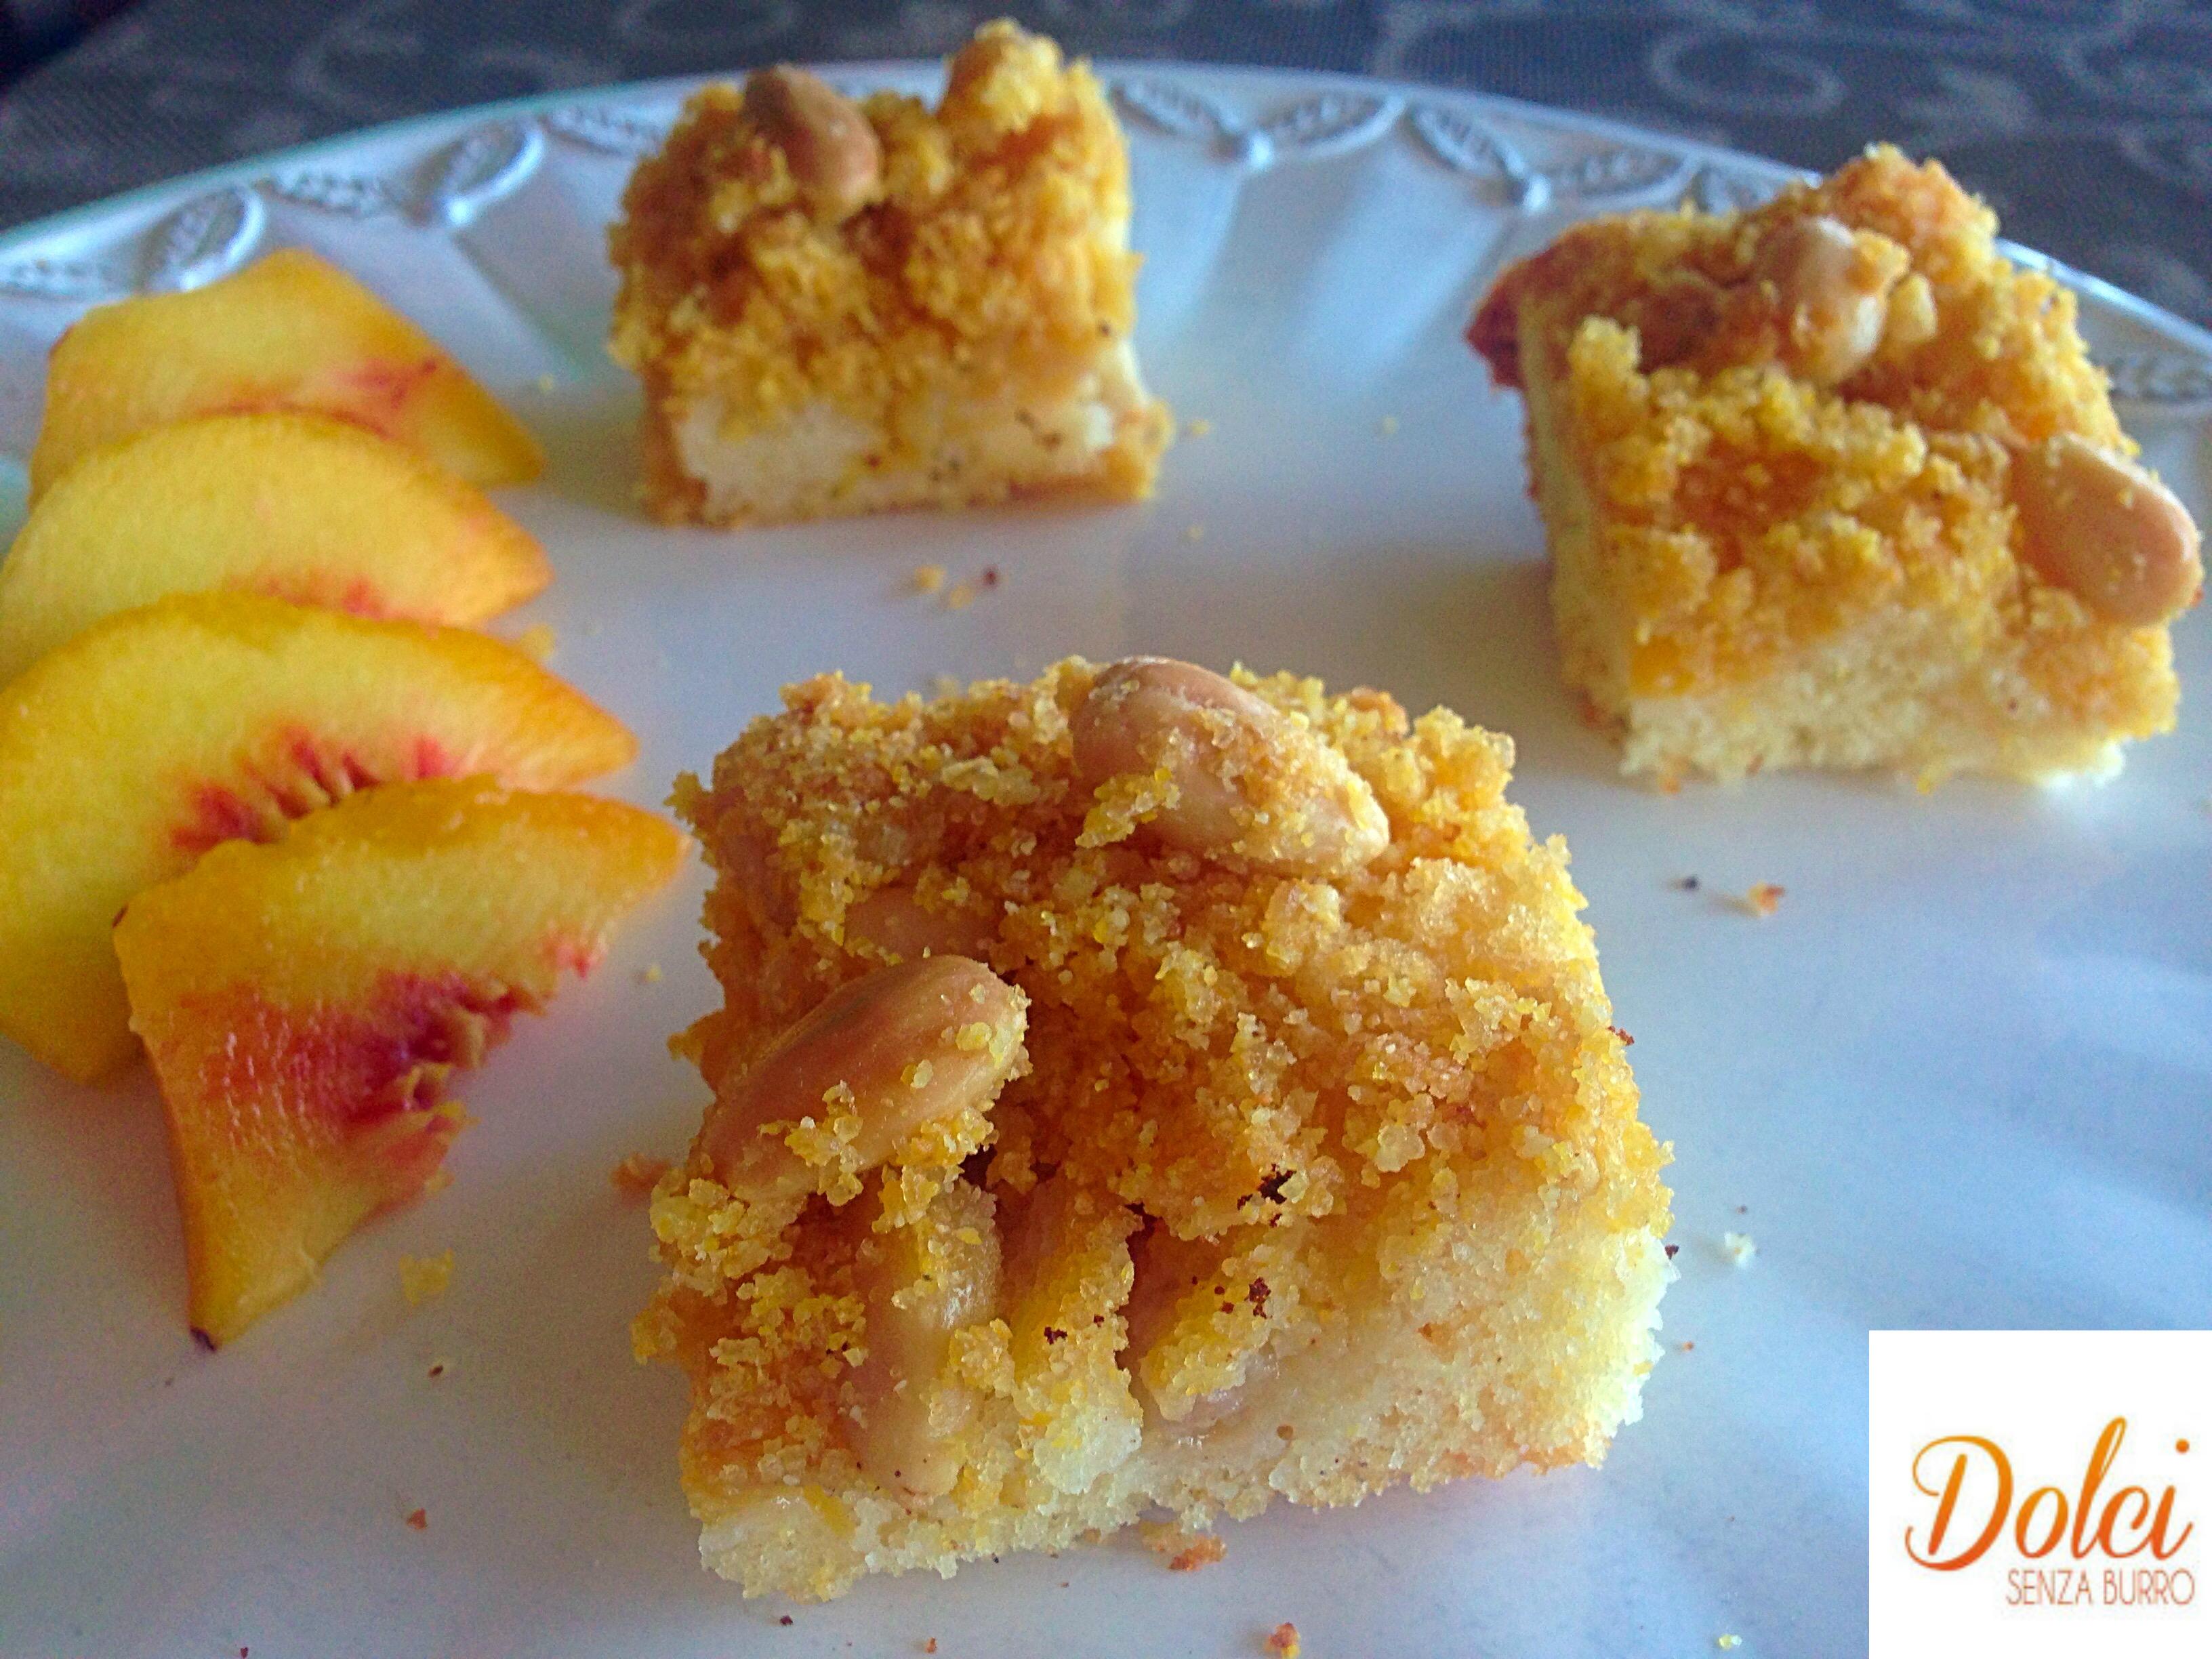 Crumble Cake di Pesche Senza Burro, il dolce goloso e leggero di dolci senza burro